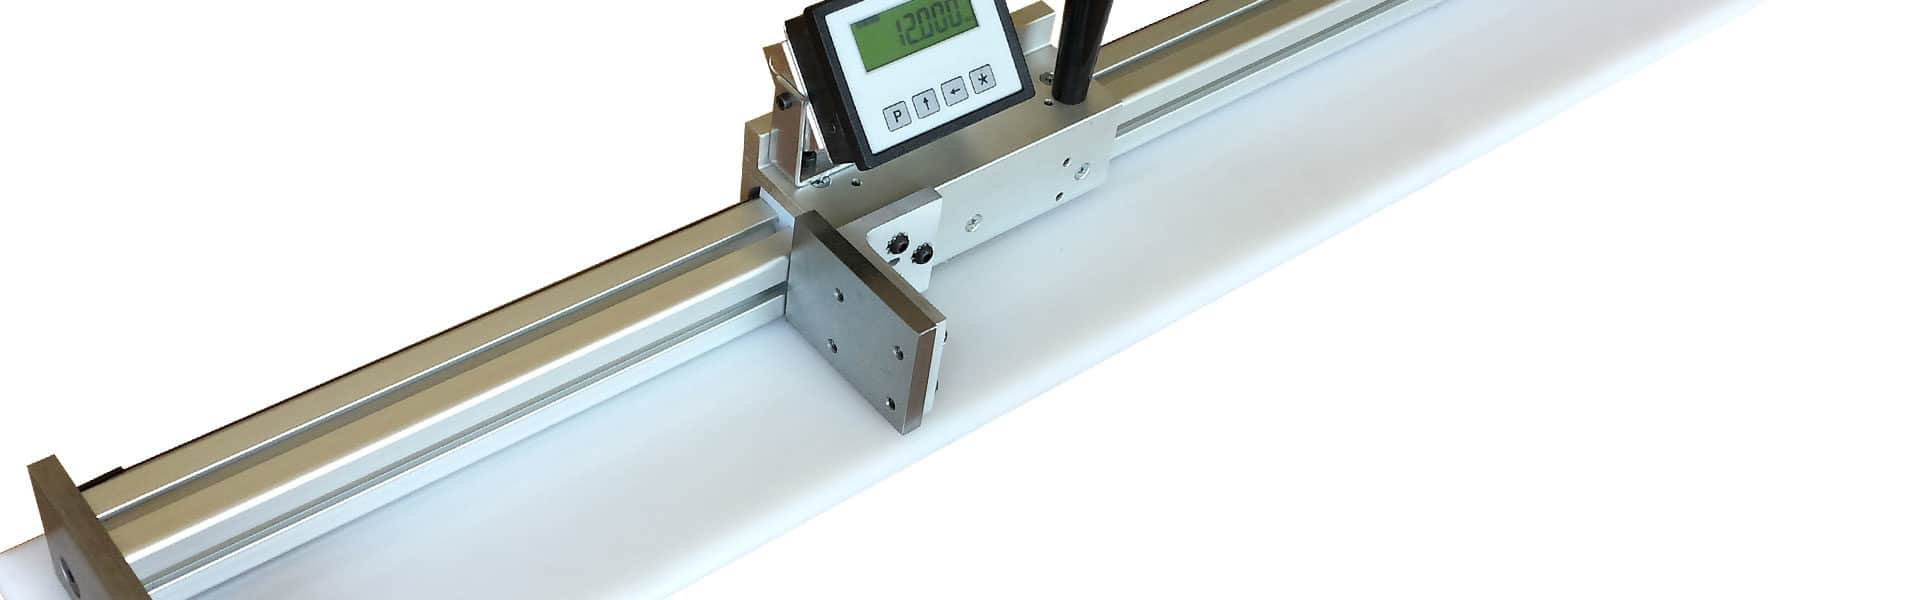 MMP - Dimensional Measuring Gauge